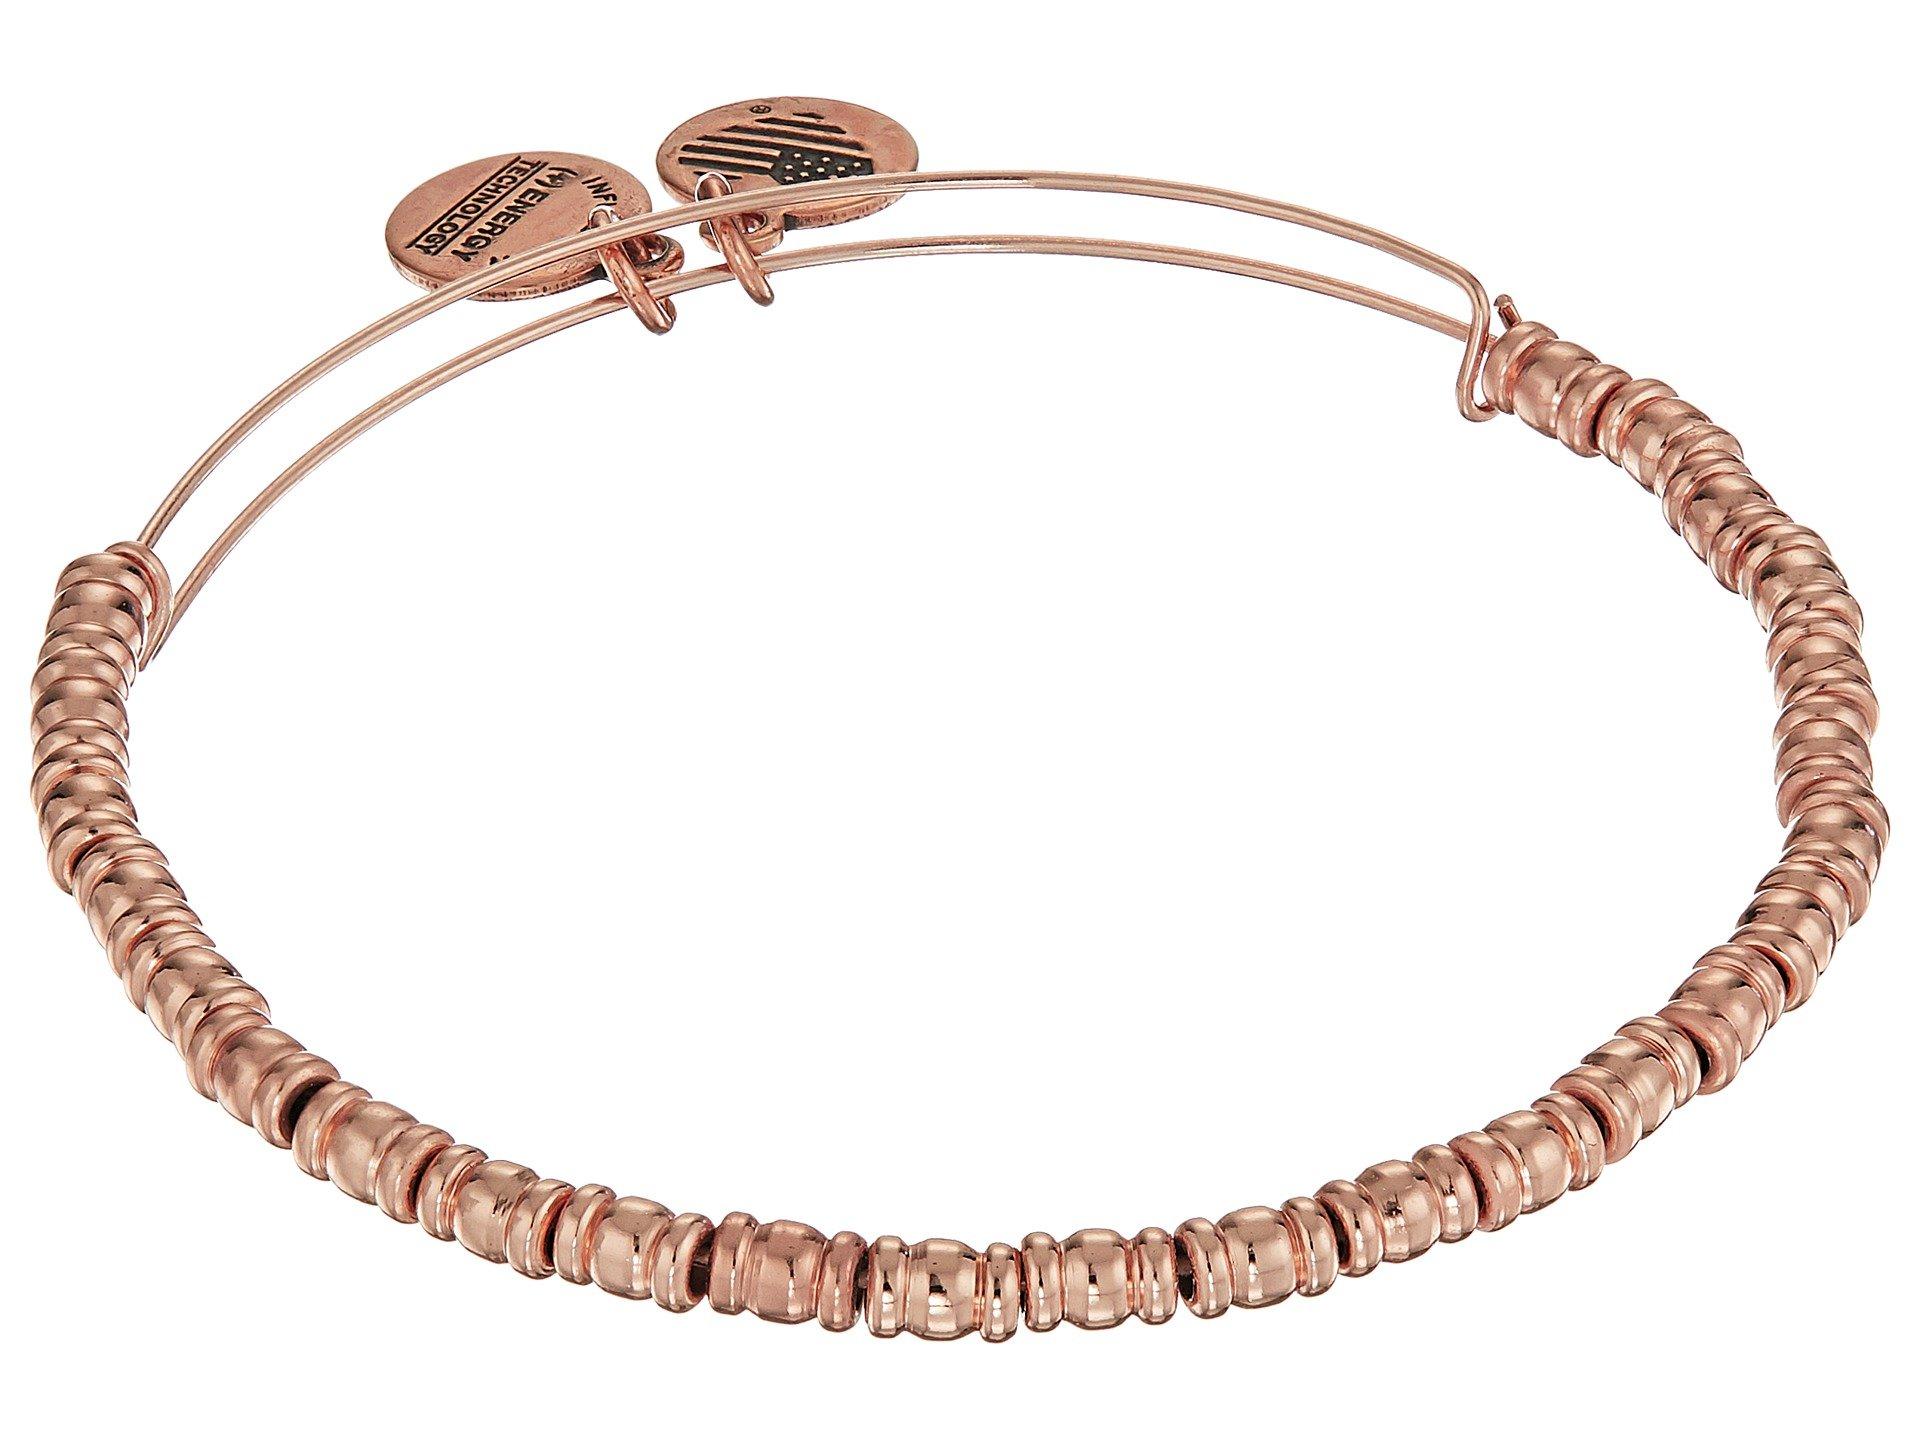 Alex and Ani Women's Rocker Bangle Bracelet, Shiny Rose Gold